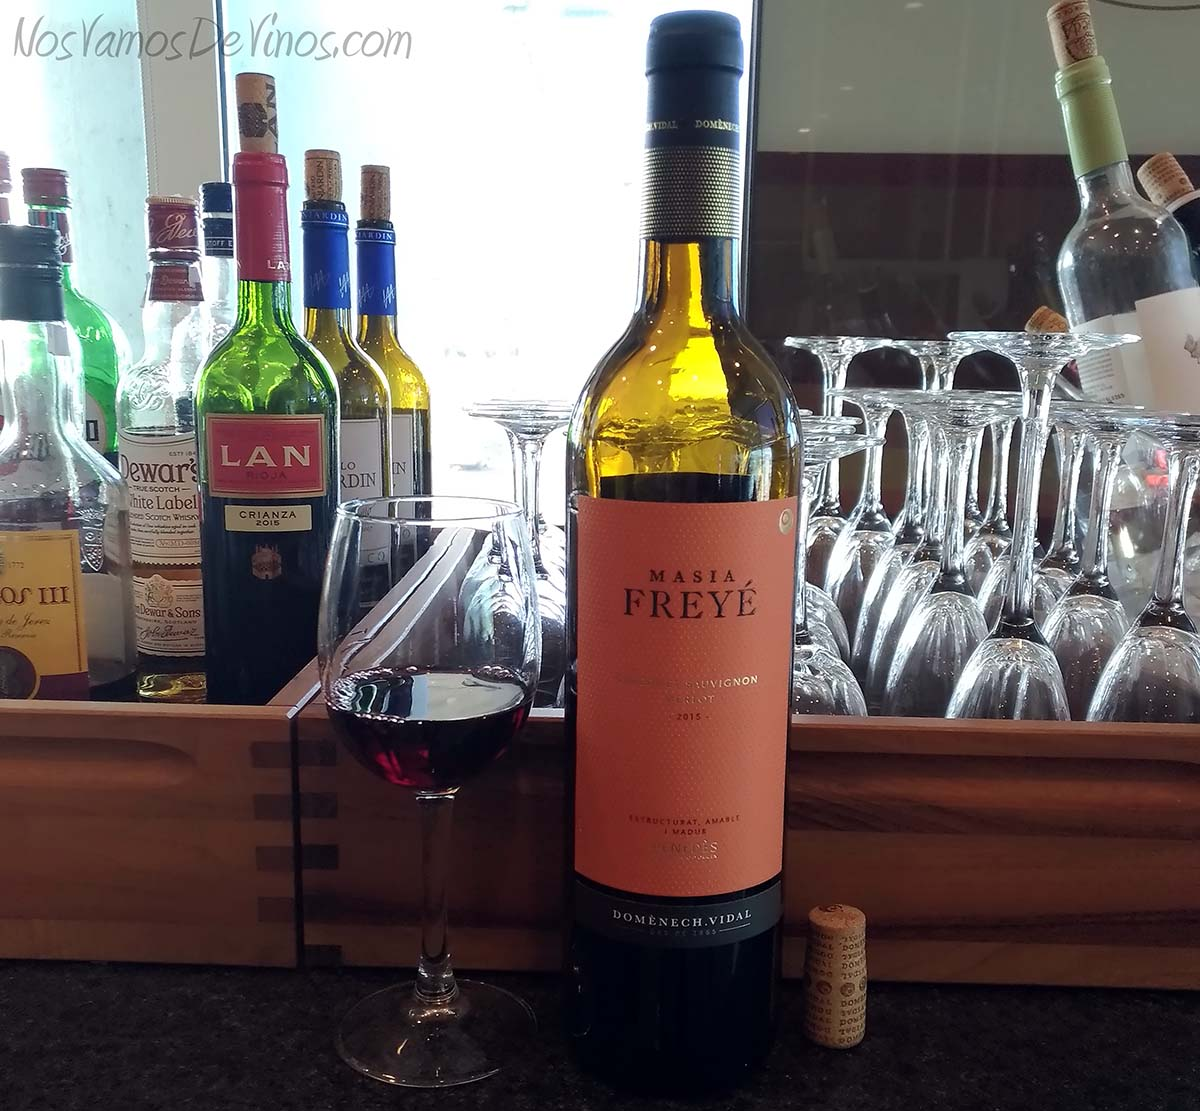 Masia-Freye-cabernet-sauvignon-merlot-2015-vino